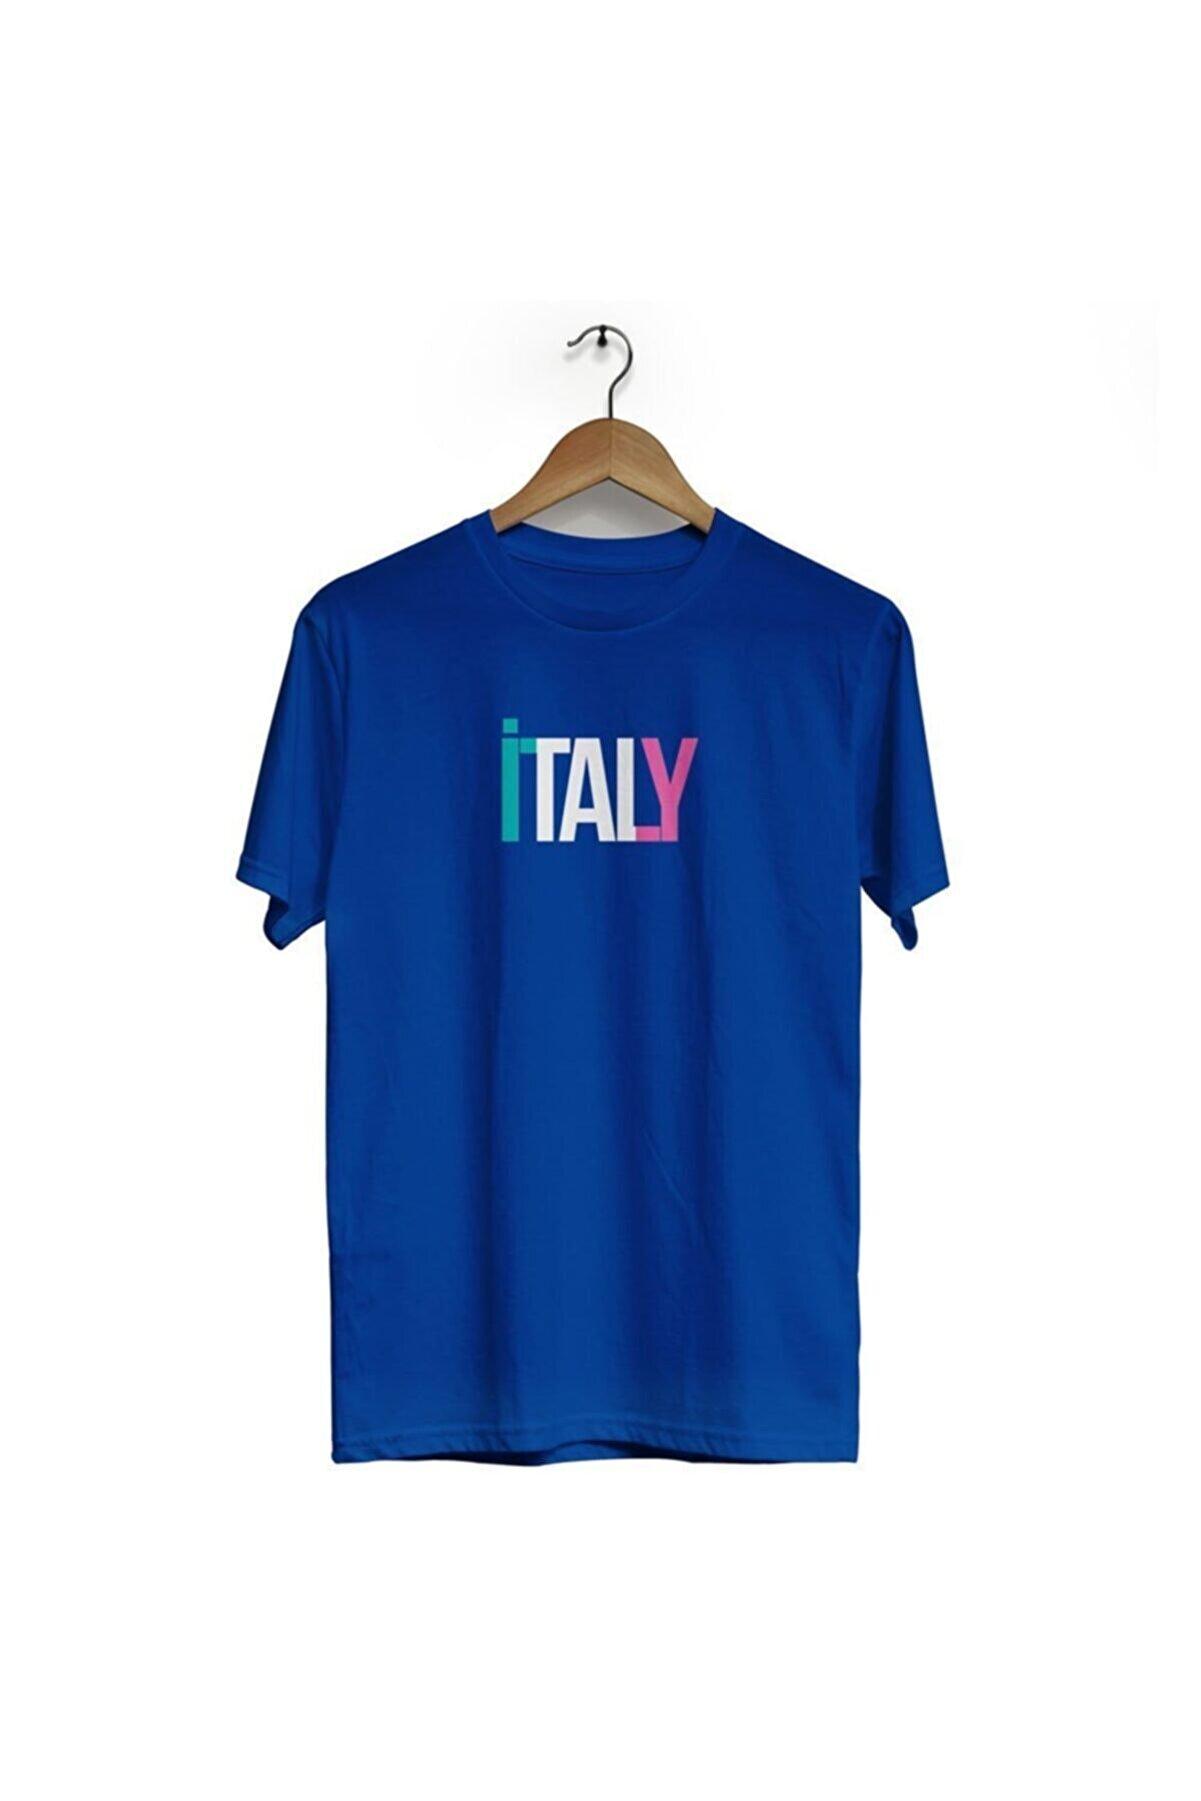 astak Italya Bisiklet Yaka Kısa Kol Tişört